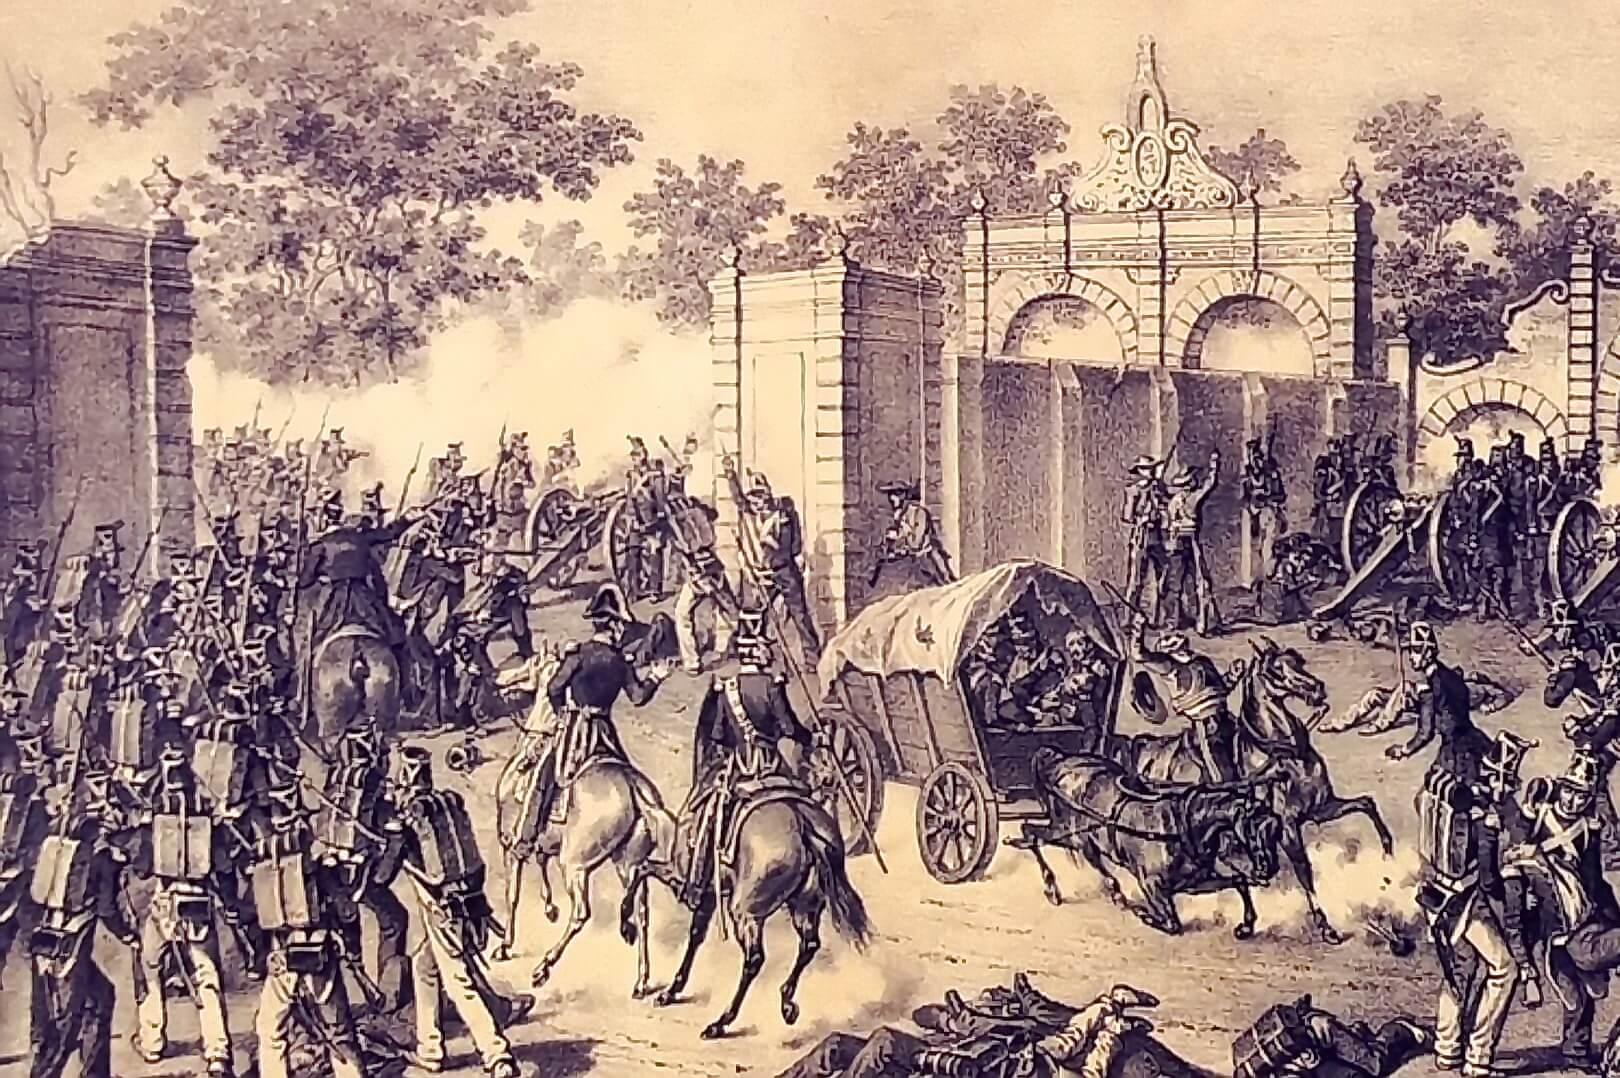 Guerra de la Reforma (1858 - 1860)